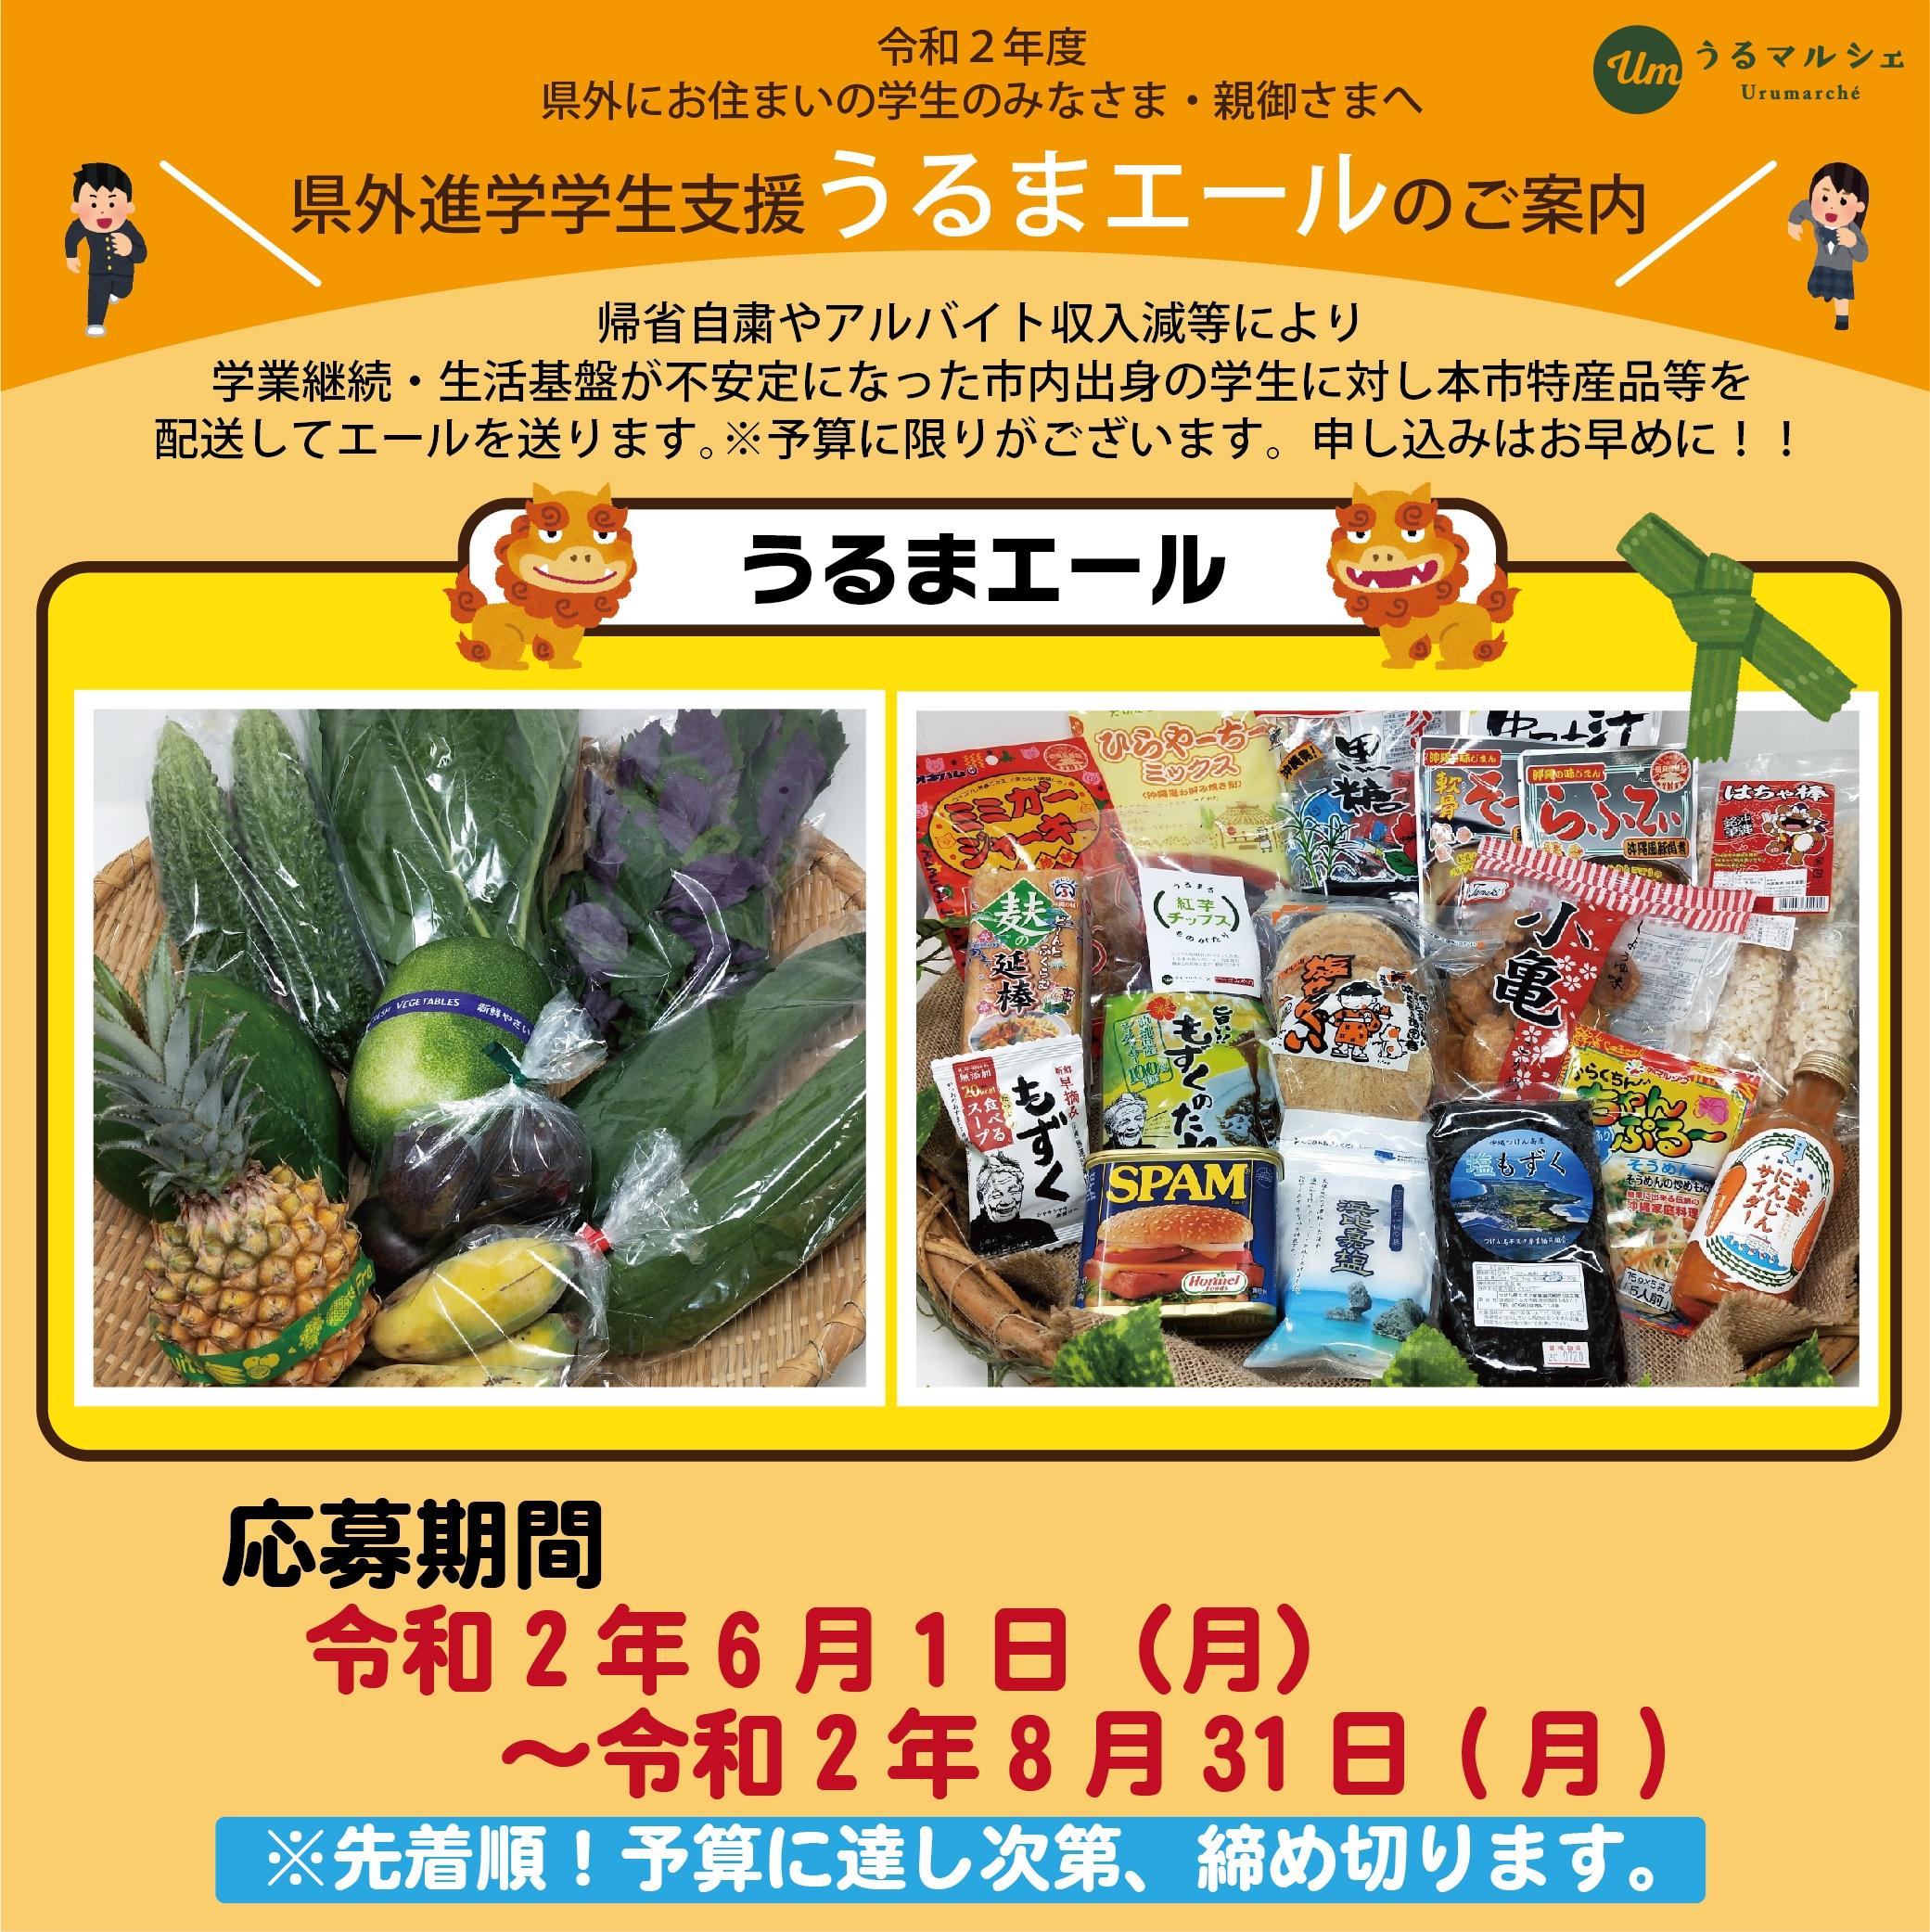 うるまエール|うるマルシェ|ネットスーパー|沖縄|通販